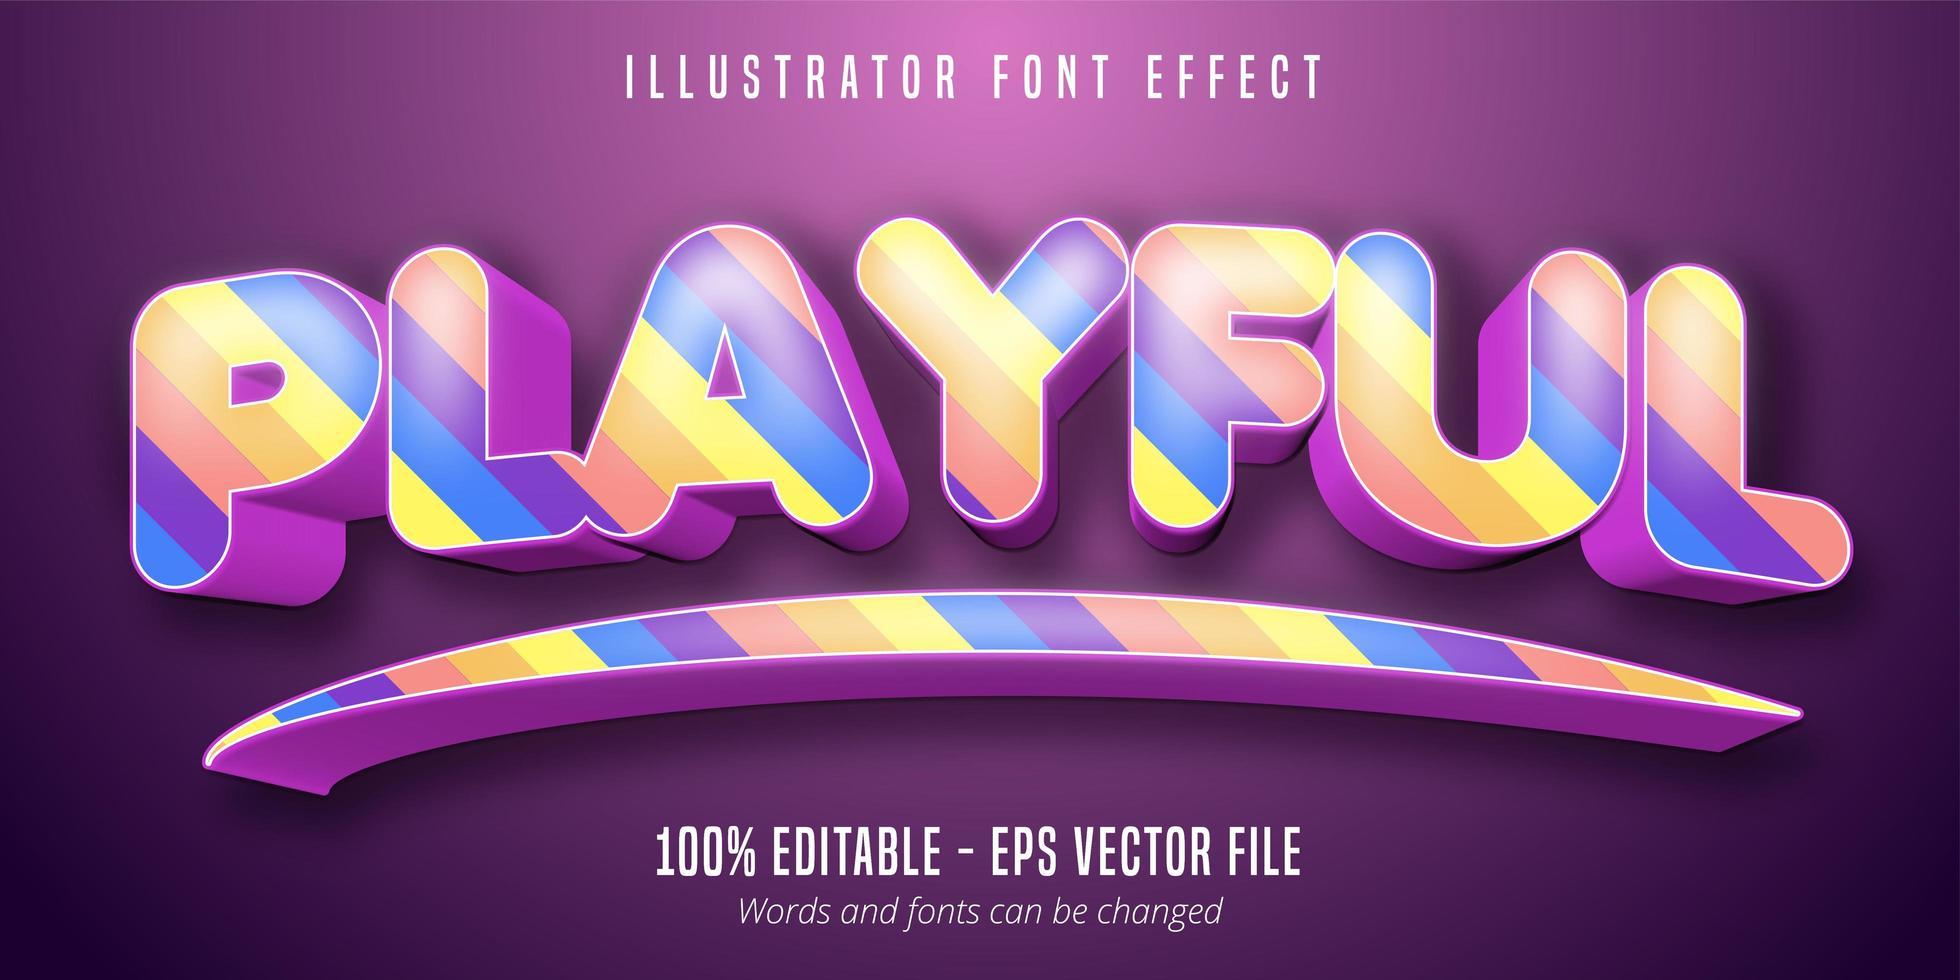 texto brincalhão, efeito de fonte editável colorida 3d vetor